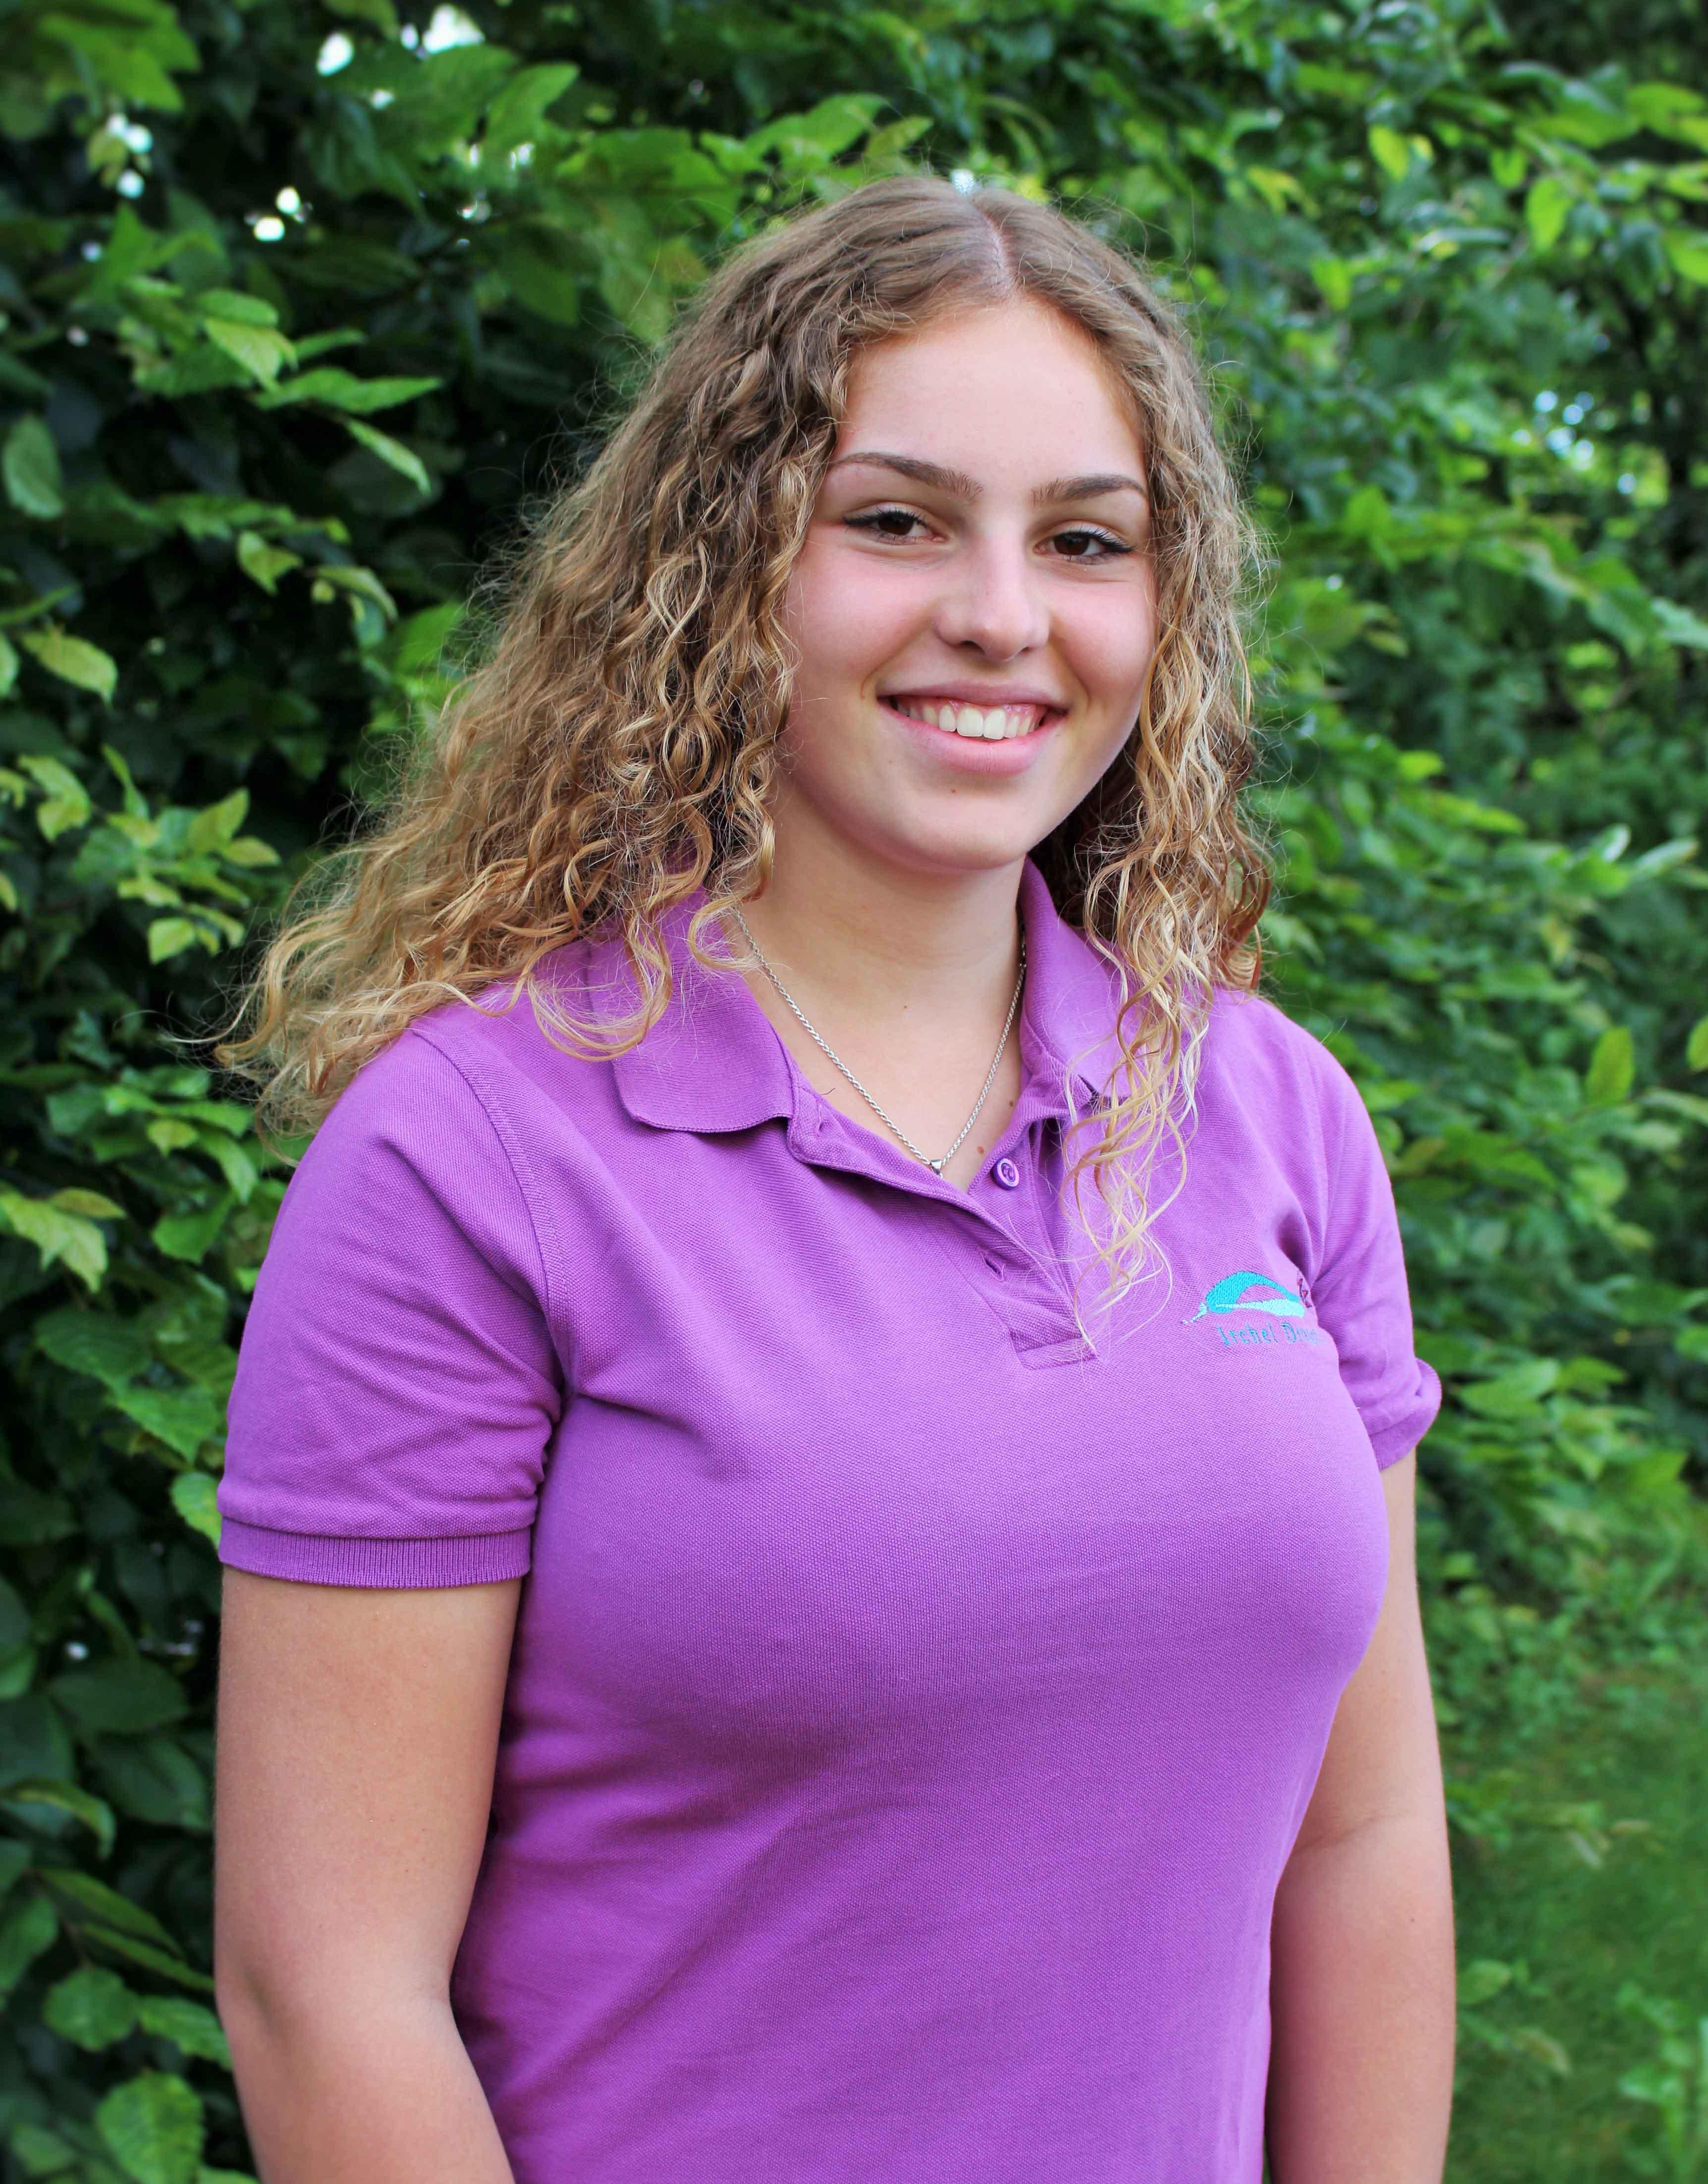 Alessia Battaglia